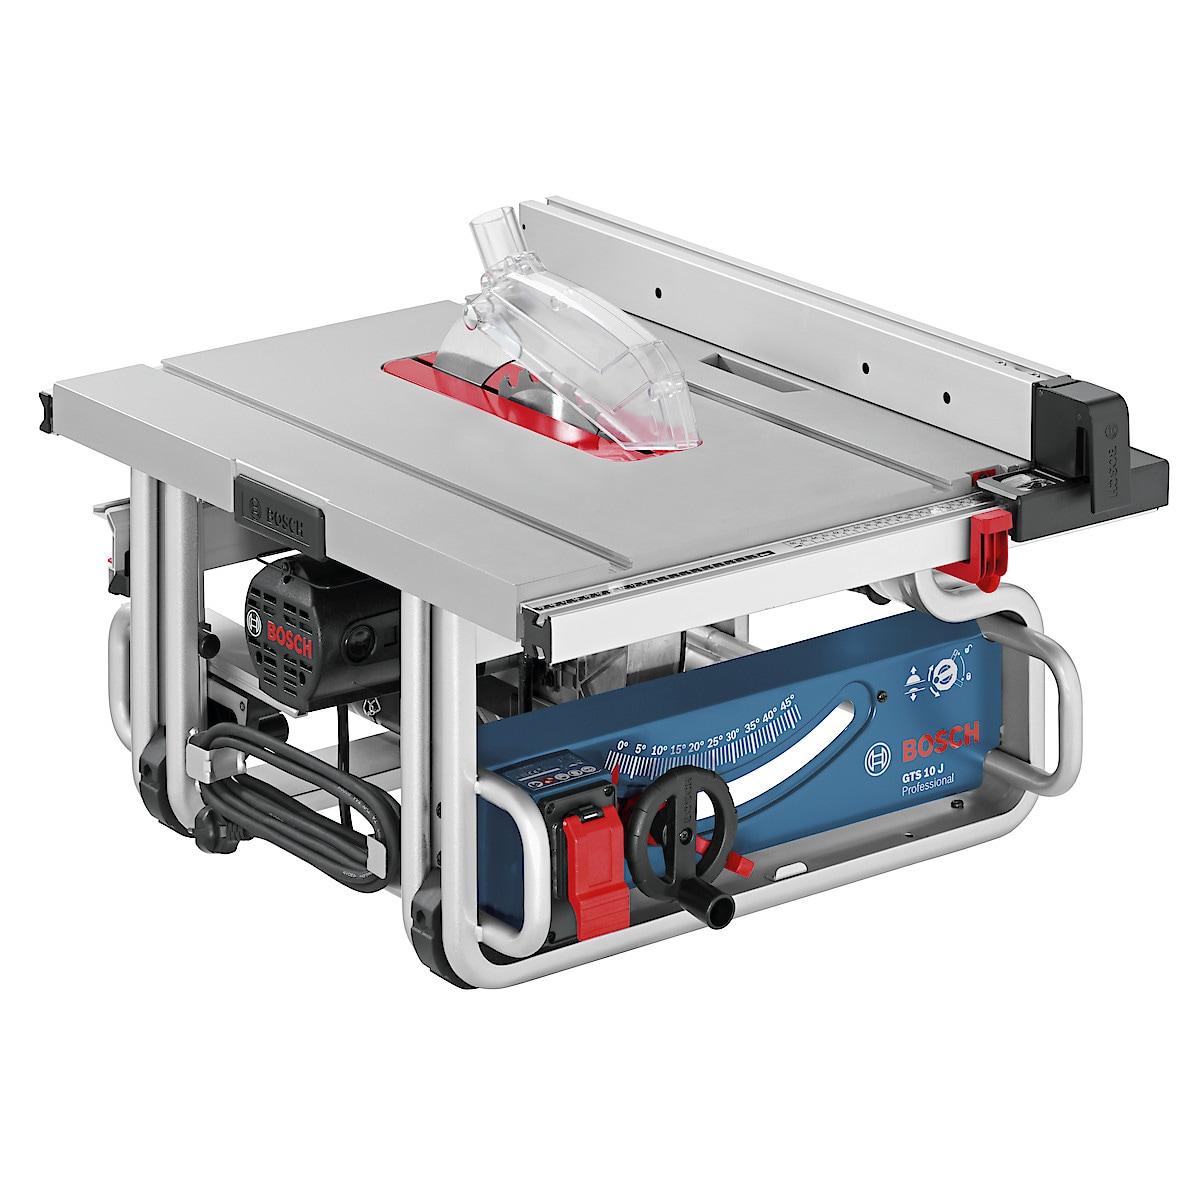 Bordscirkelsåg Bosch GTS 10 J Professional